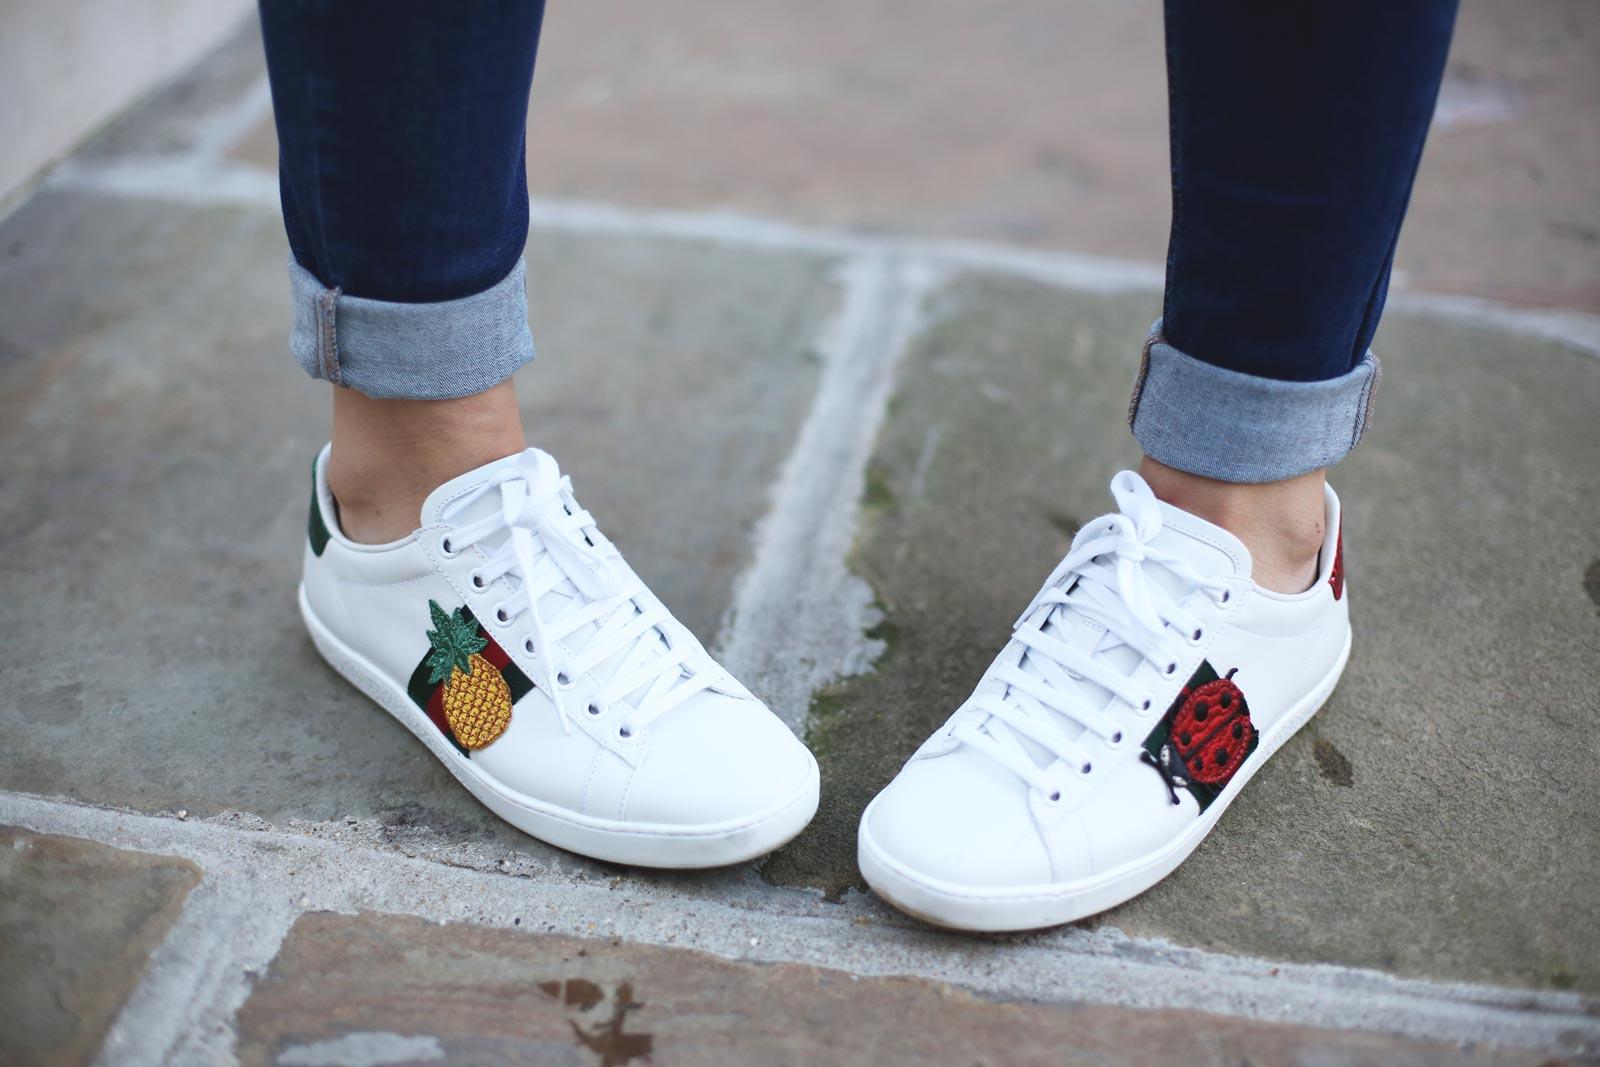 Zapatillas gucci con estampado